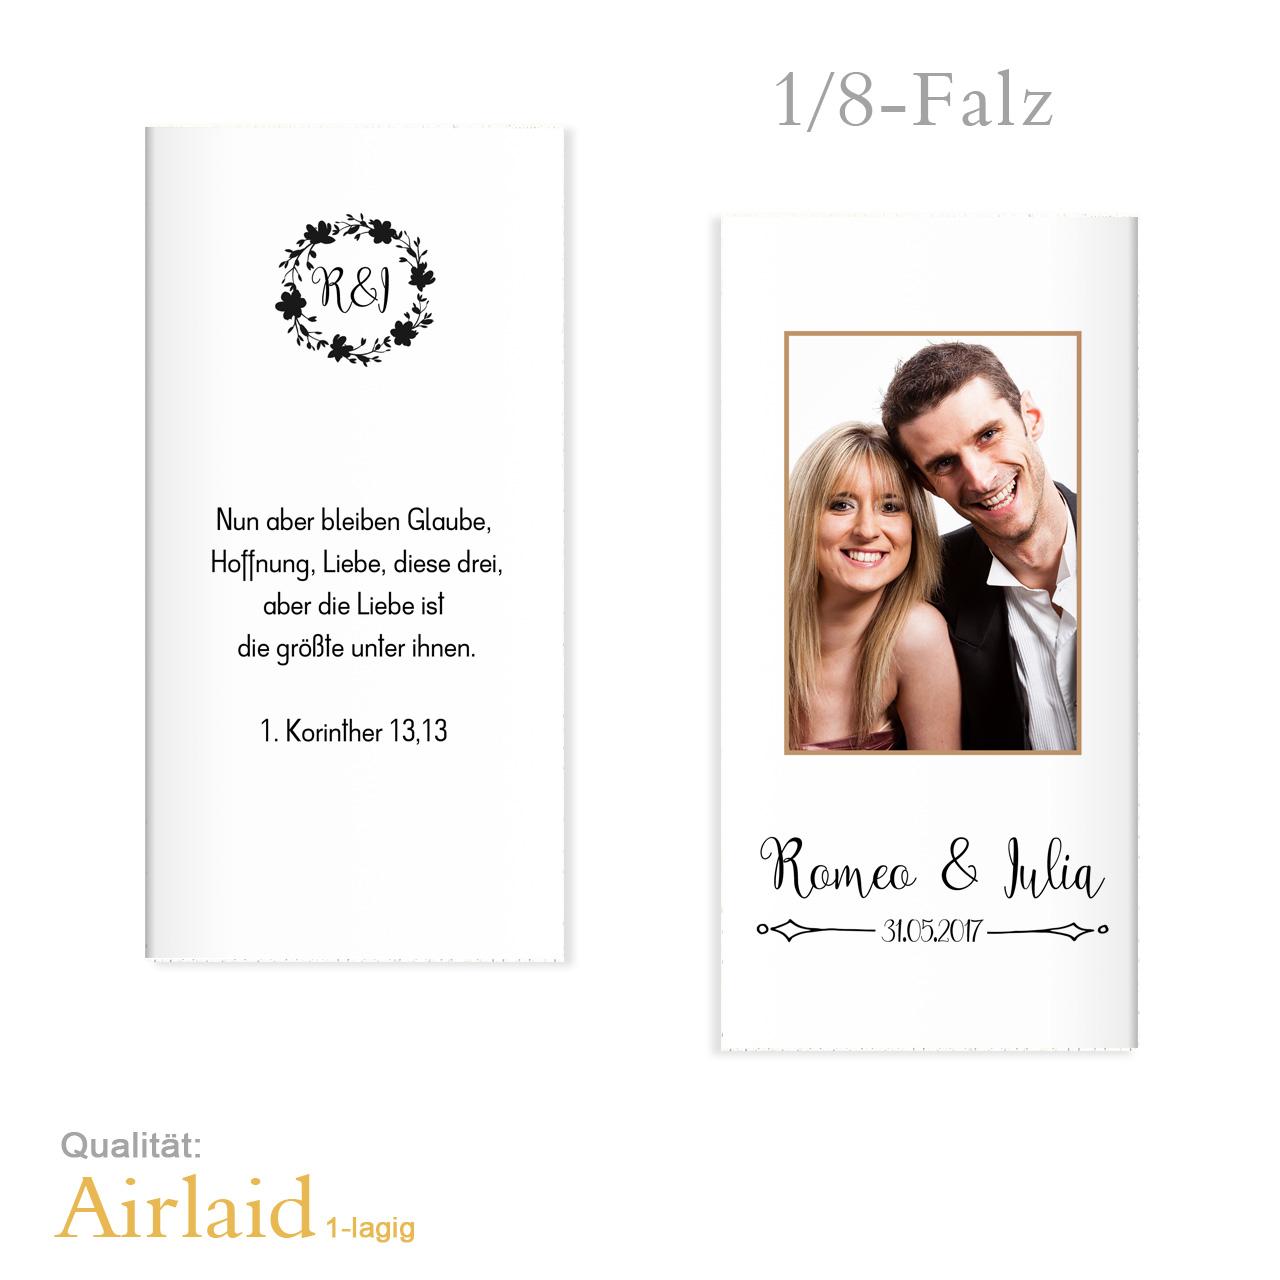 Servietten Zur Hochzeit Bedruckt Mit Foto Romeo Julia Airlaid